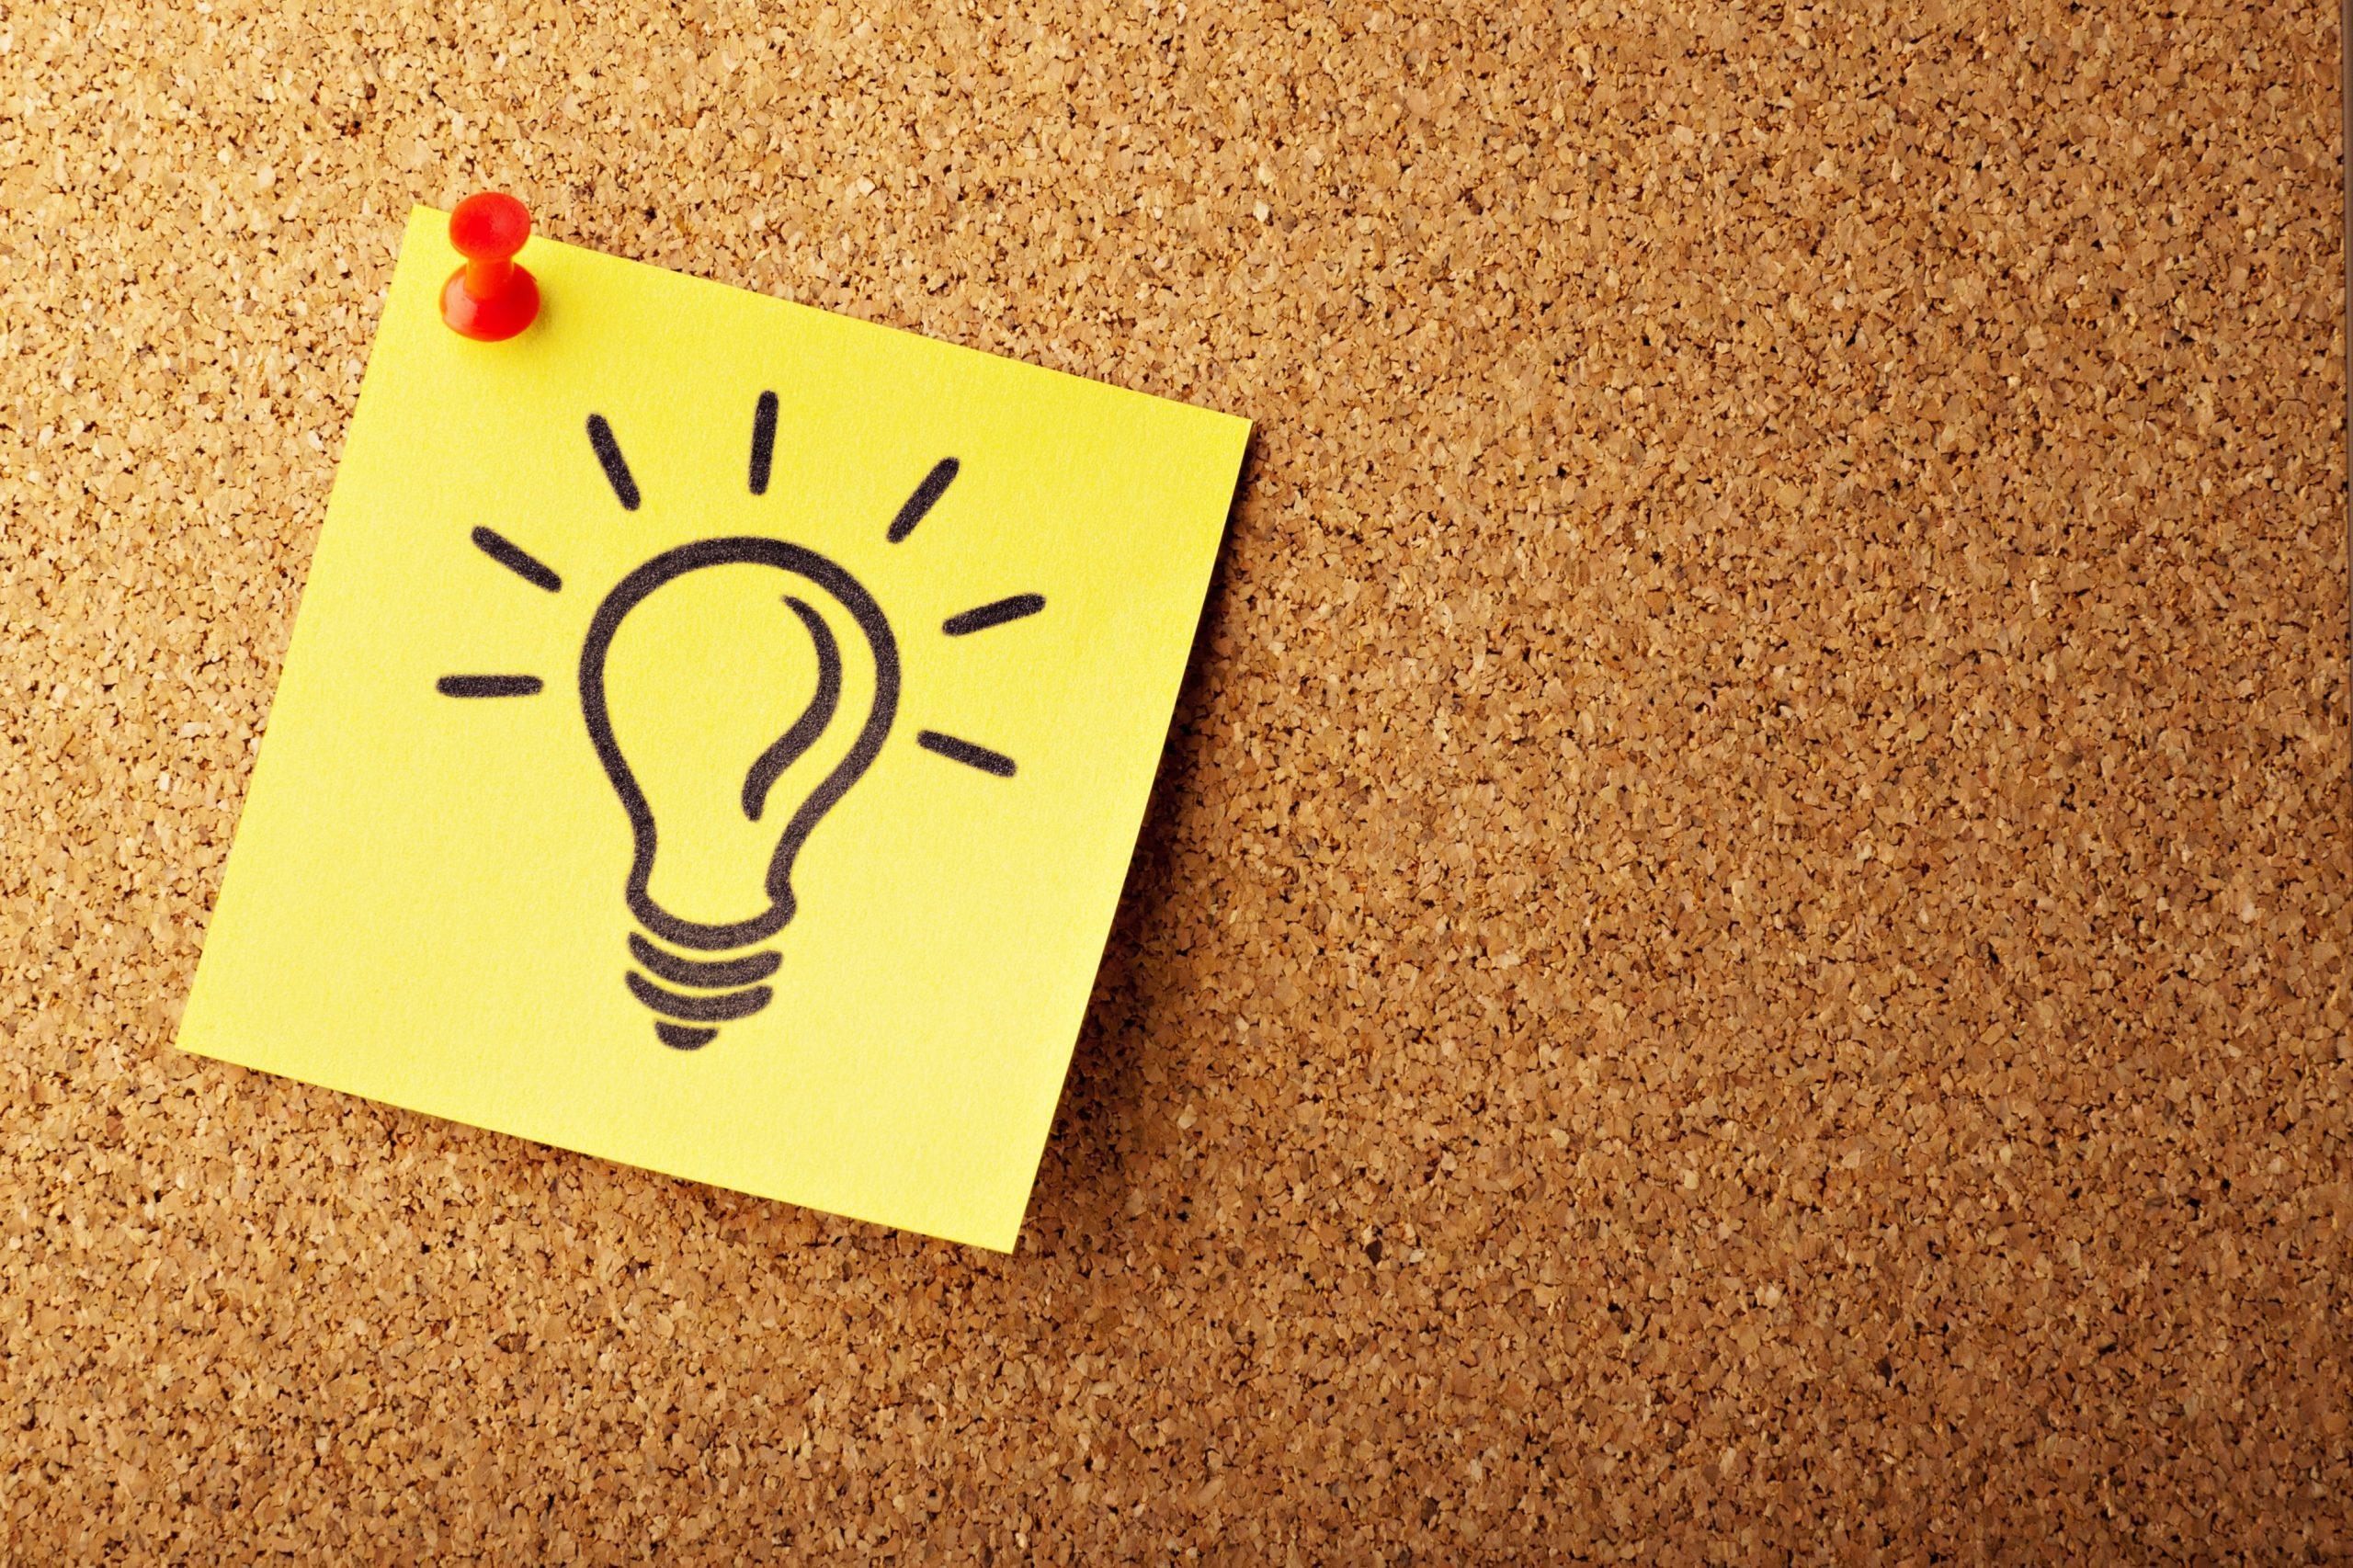 Inovacijų ekspertas: patirties ir pinigų startuolių rinkoje yra, dabar reikia idėjų ir užsidegimo